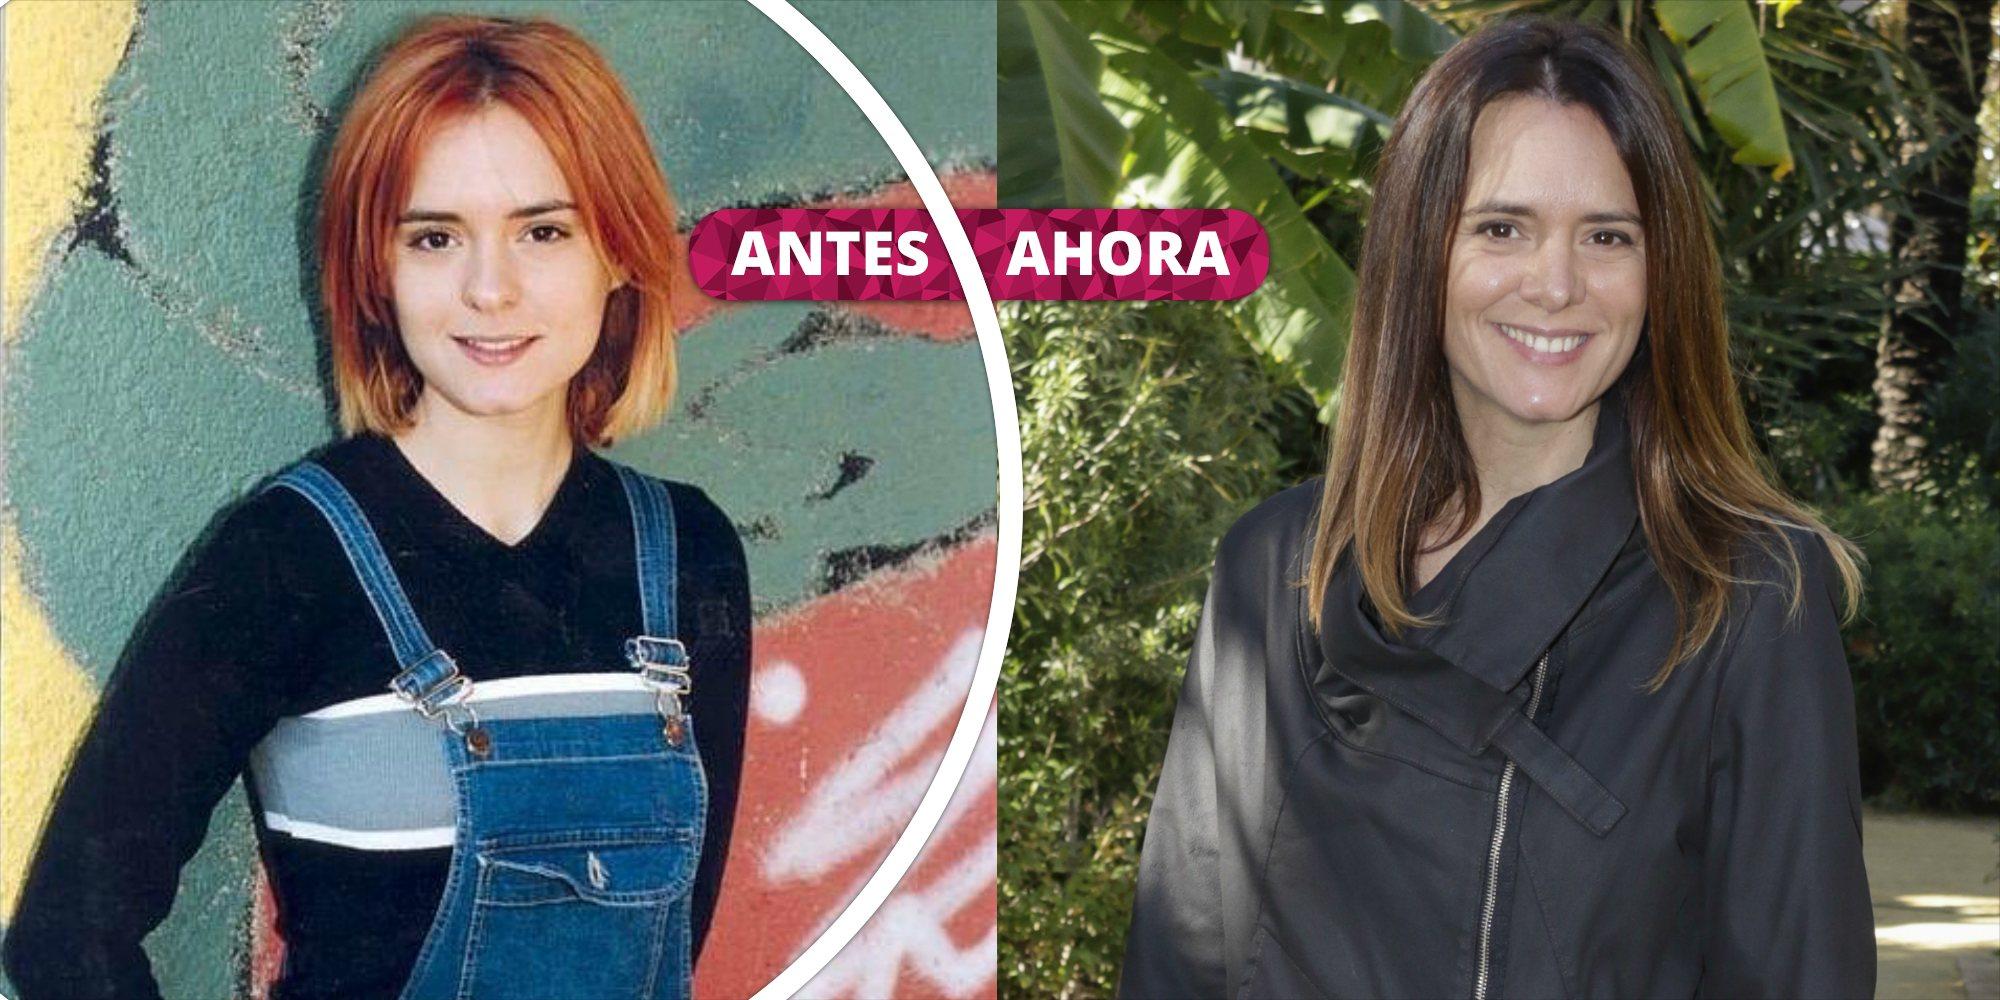 Así ha cambiado Eva Santolaria: La evolución de la actriz desde sus inicios hasta la actualidad